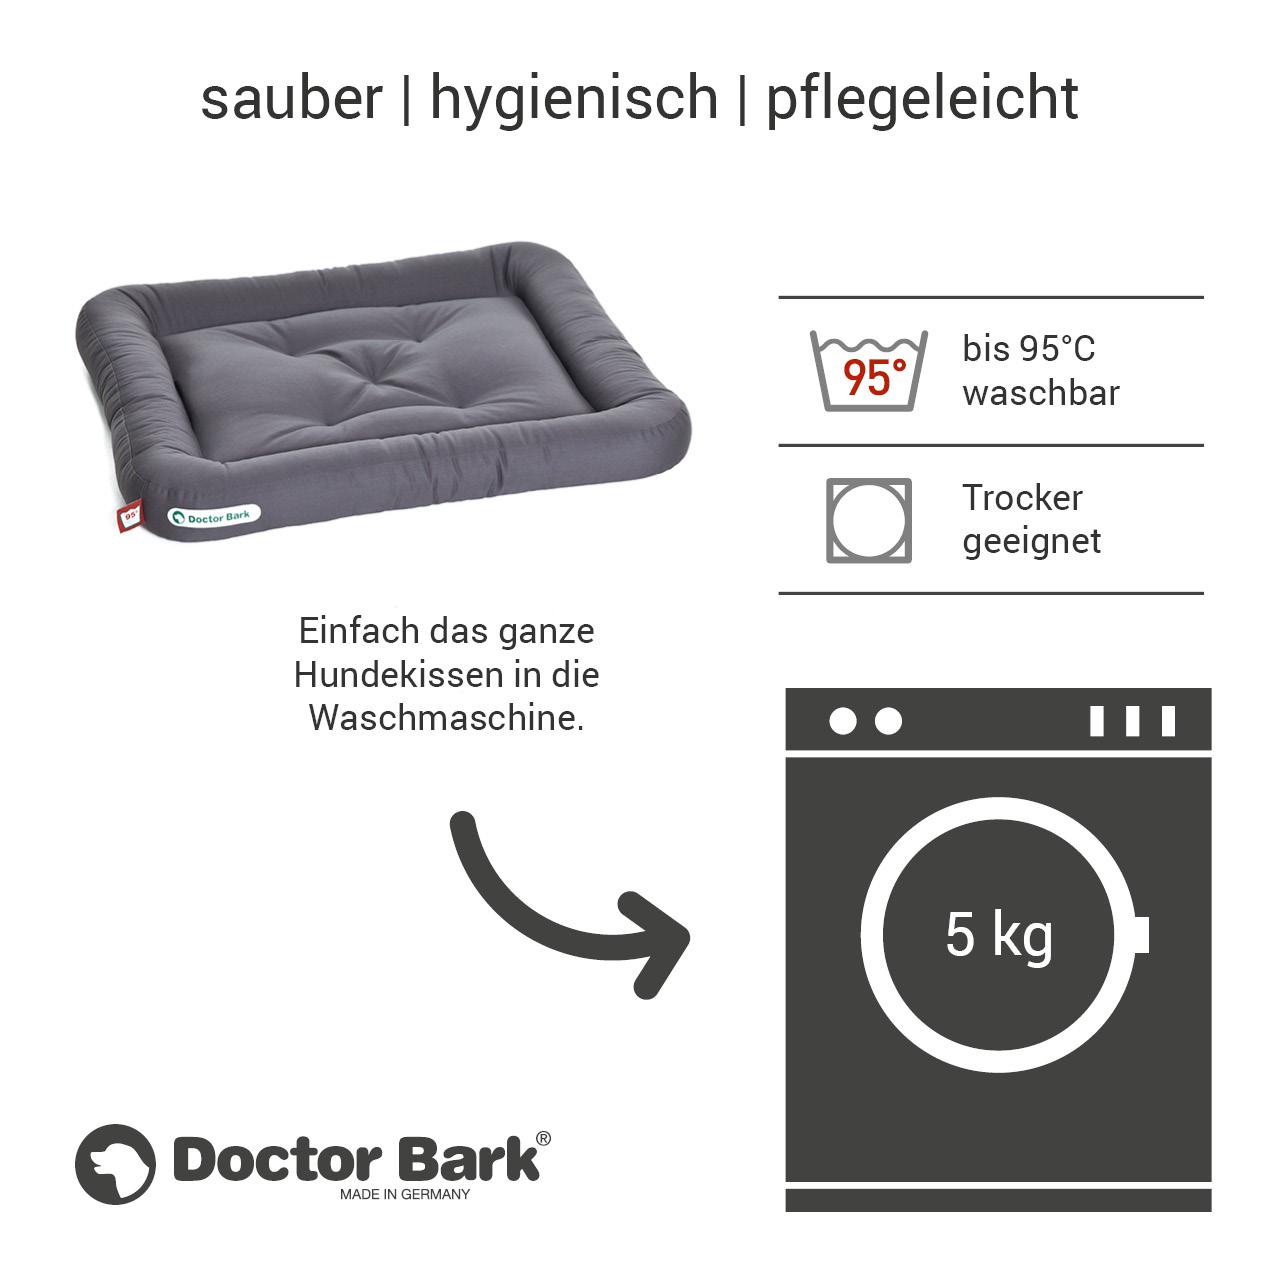 Lounge-Hundekissen / Hundebett orthopädisch Doctor Bark waschbar grau - Gr. M